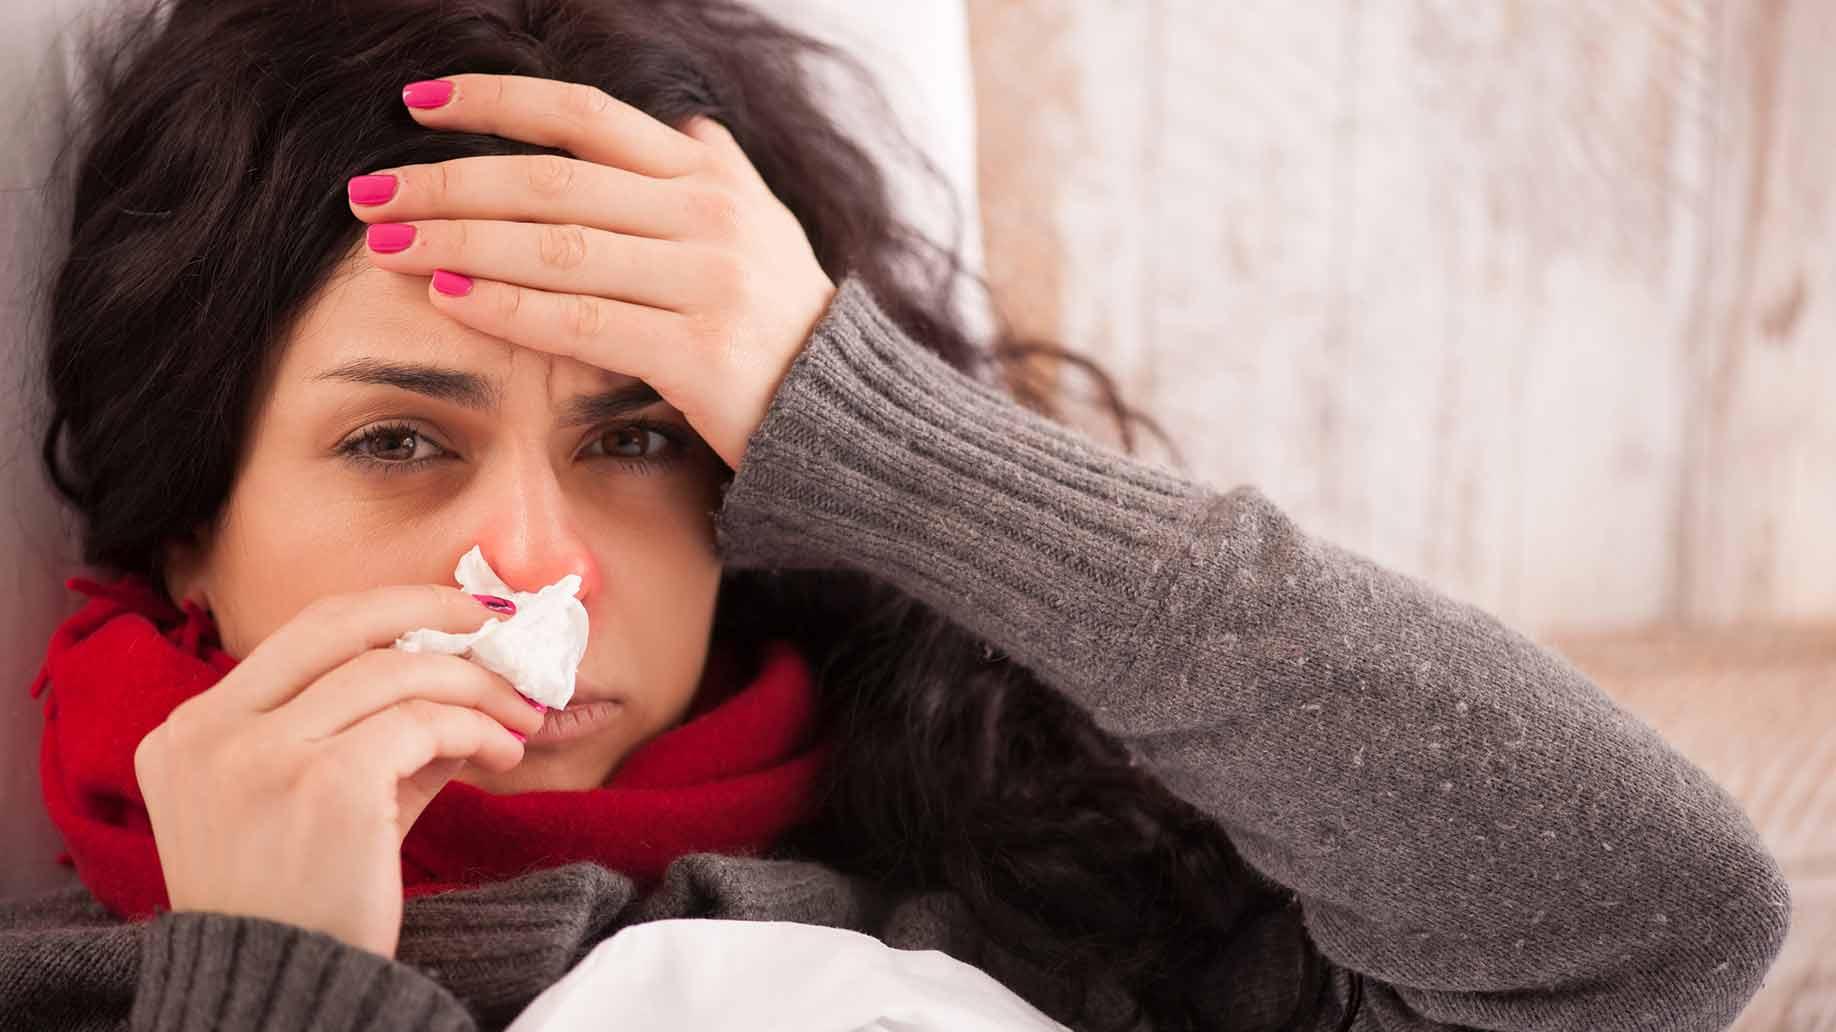 cold cough flu probiotics good bacteria natural flora gut health